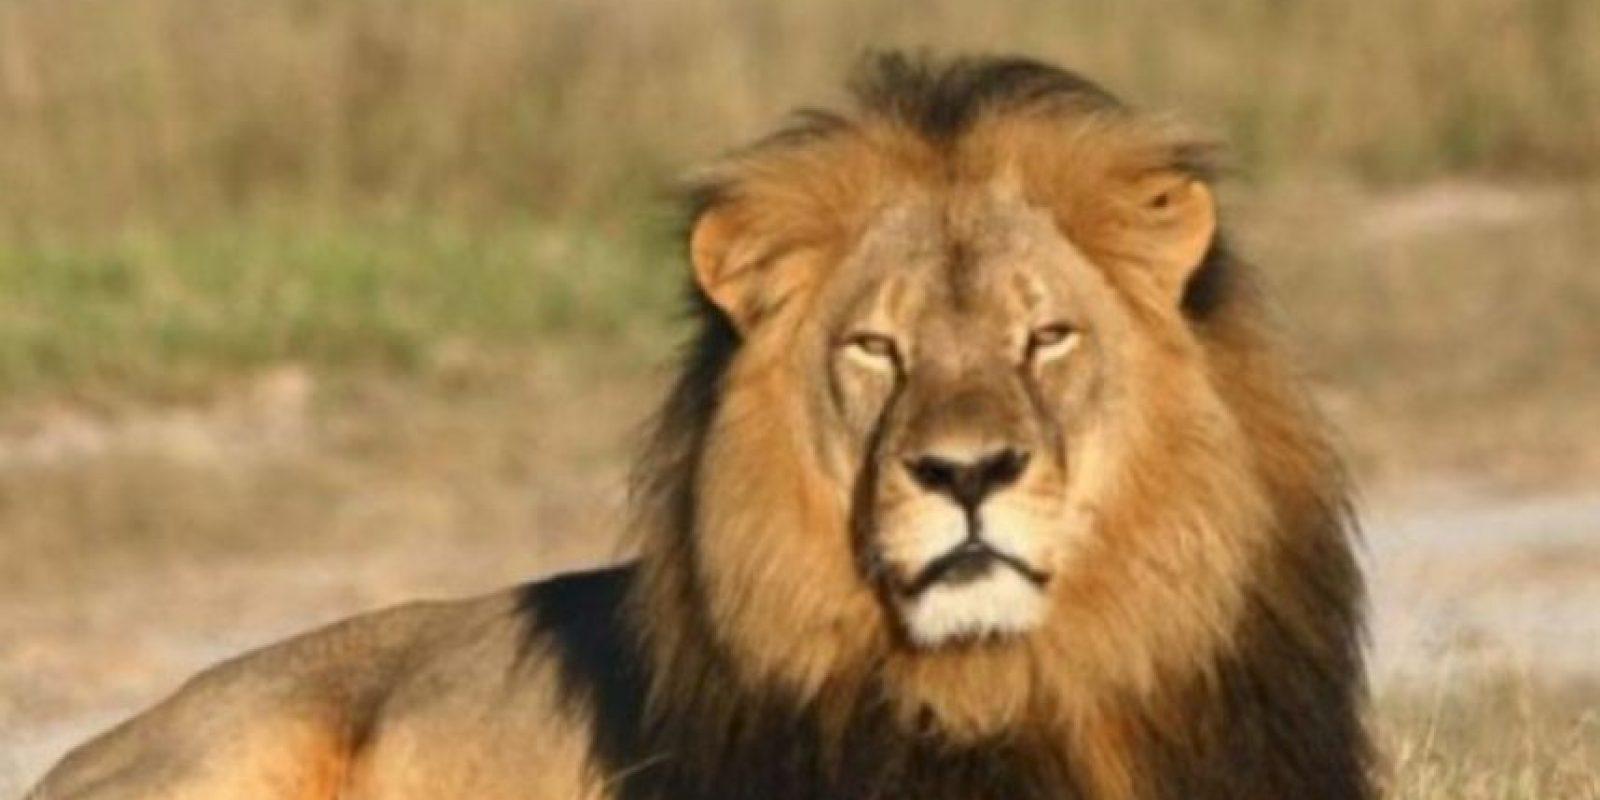 Muchos se indignaron por la caza de este león. Foto:vía AFP